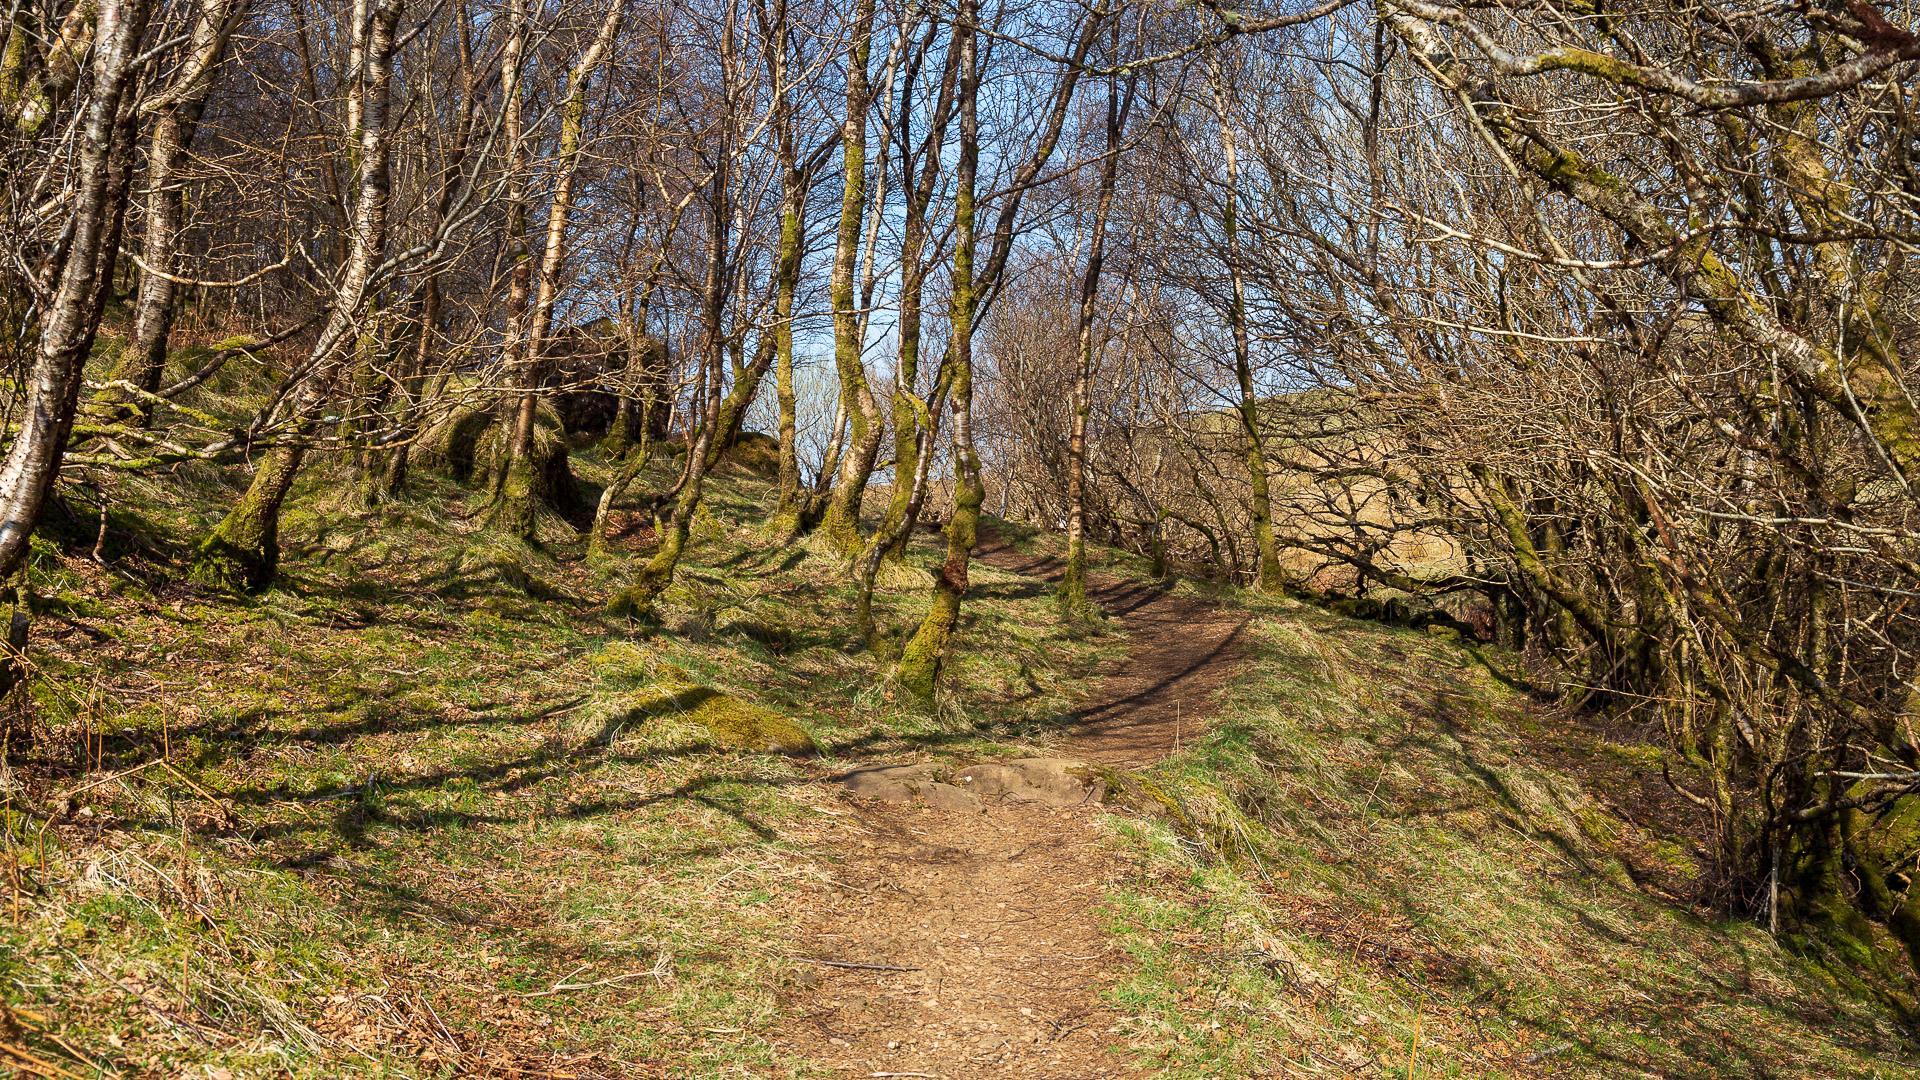 Moosbewachsene Bäume am Weg